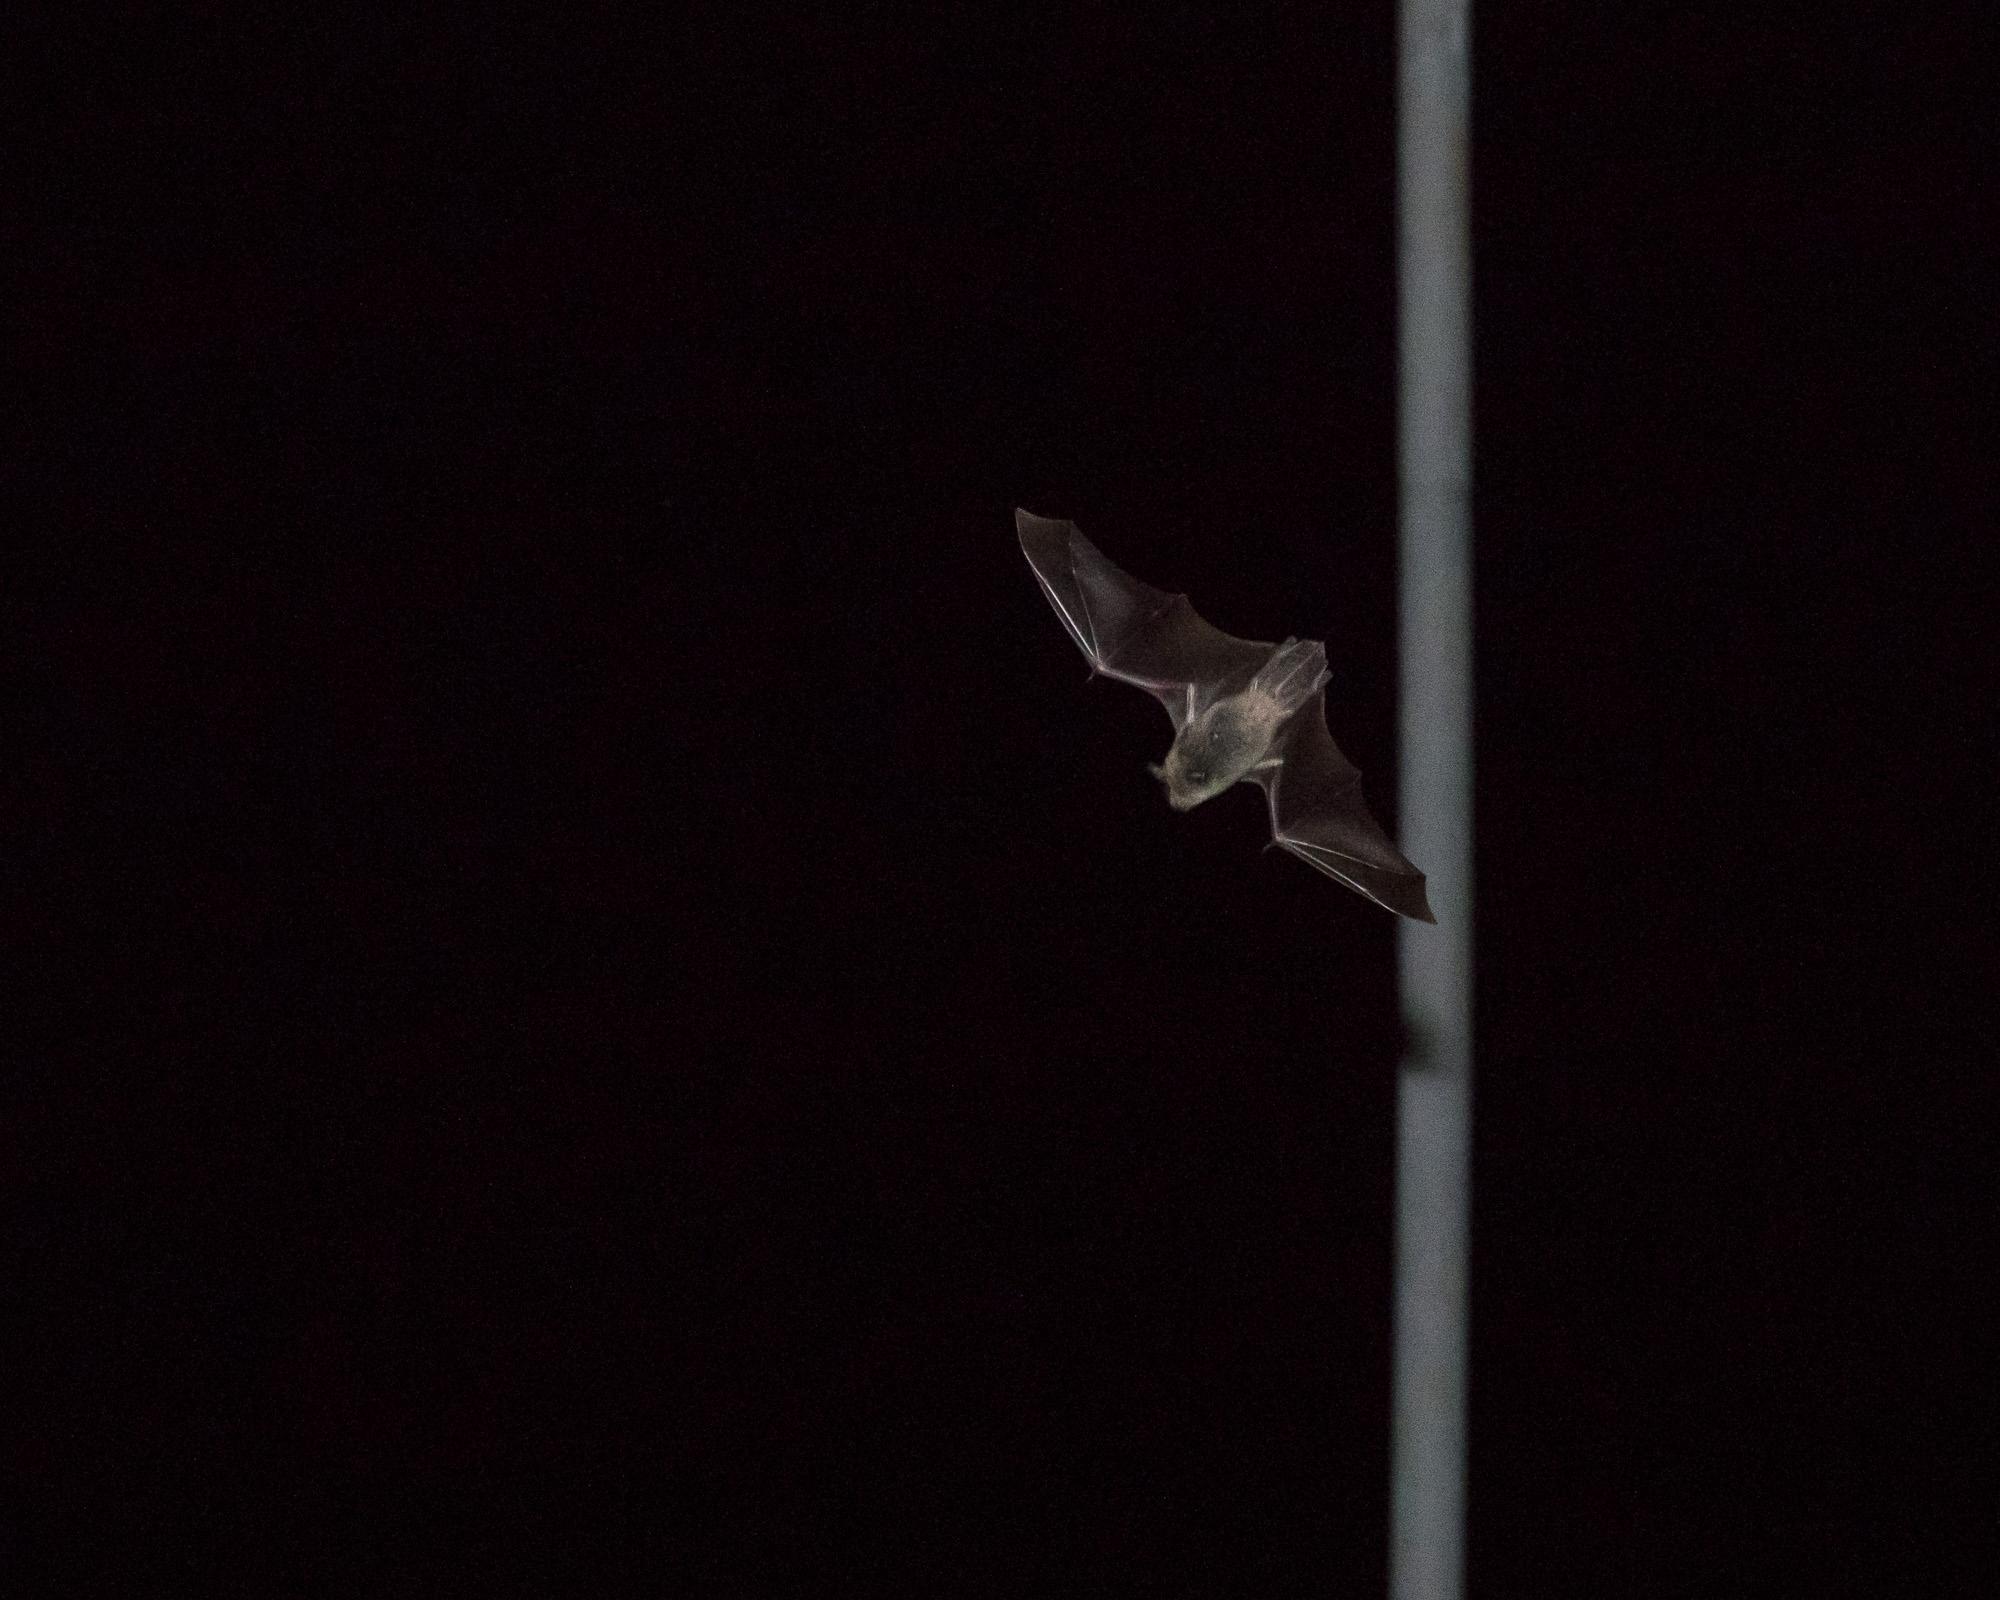 Bats_21.JPG